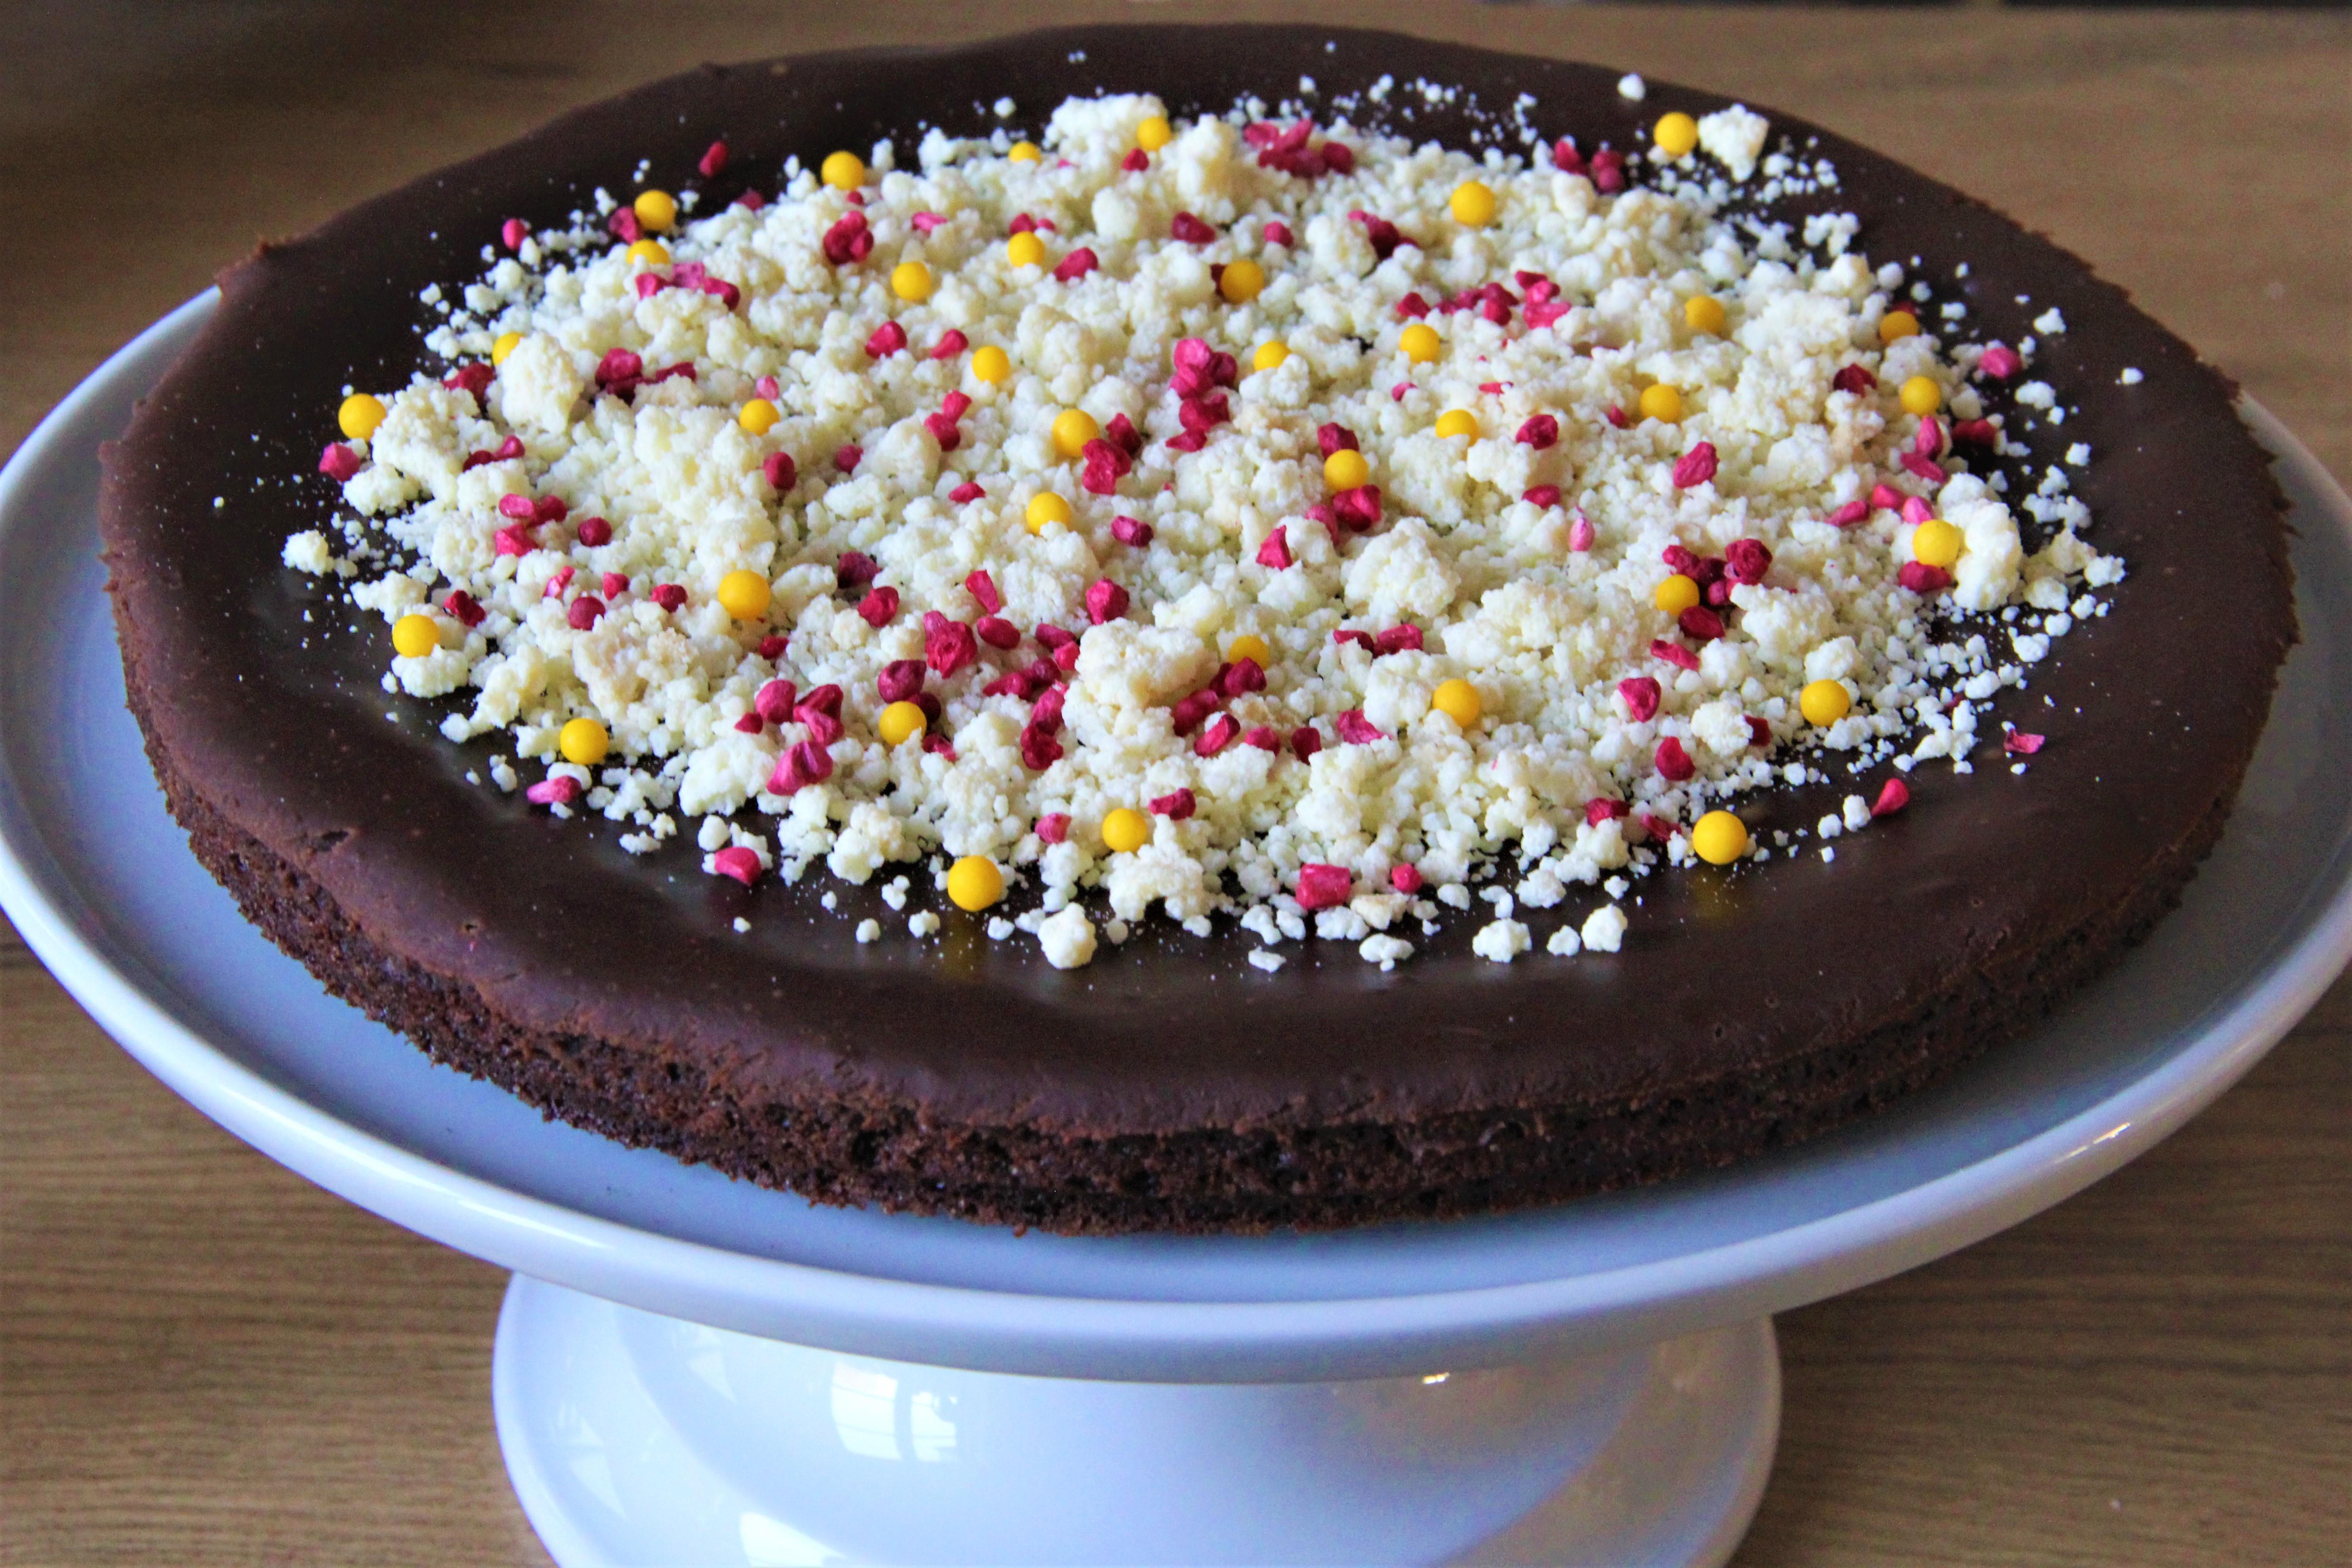 chokoladetrøffel kage med krystalliseret hvid chokolade, frysetørret hindbær og sukkerkugler